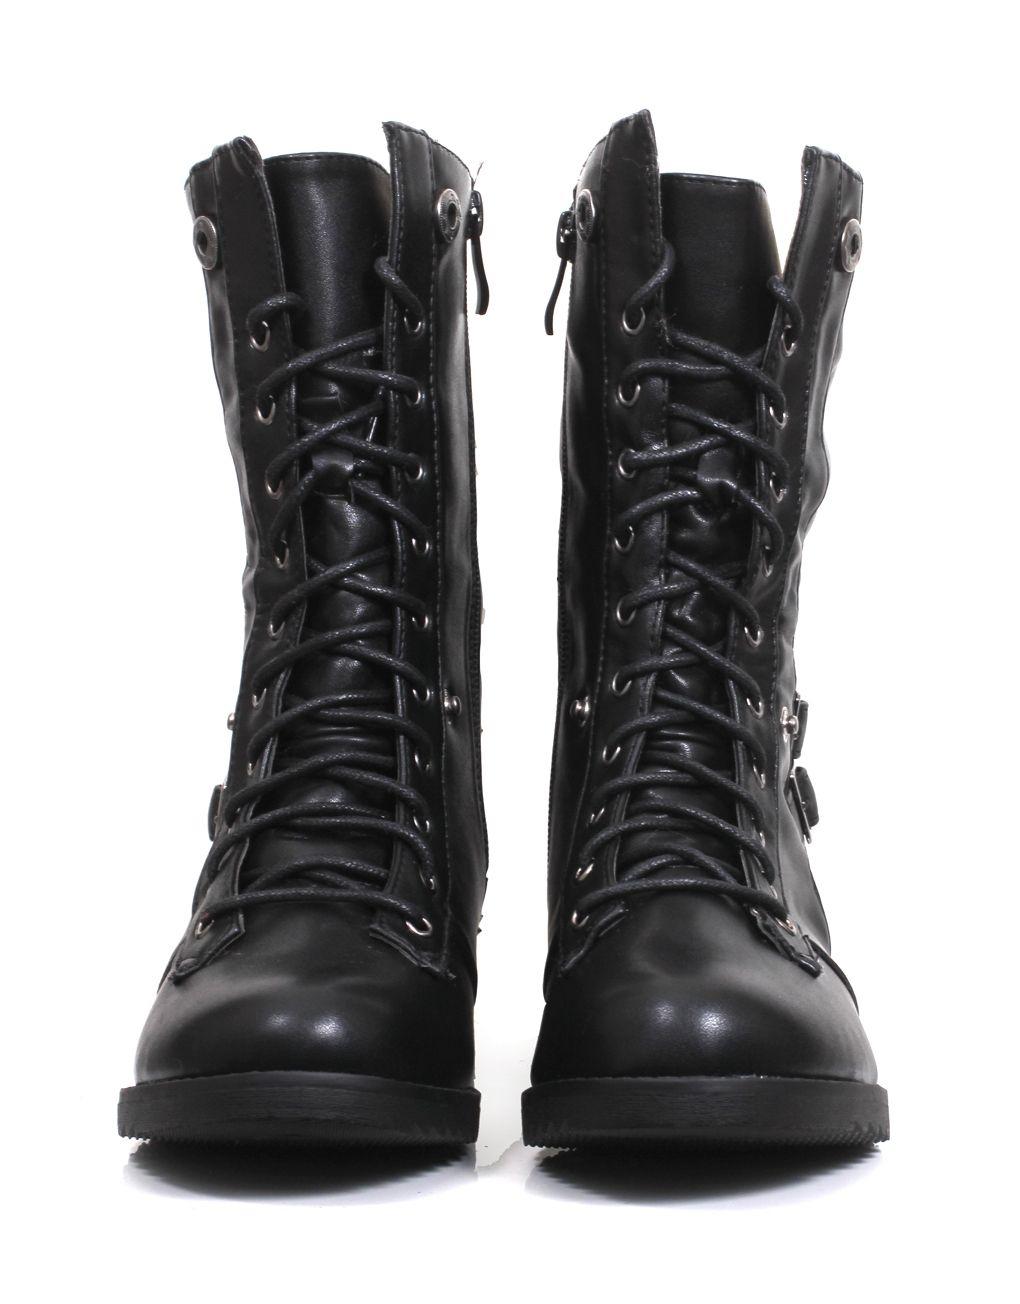 3c177d4fa6758 Bottine à lacets fourré noir femme pas cher   model   Clothes, Model ...